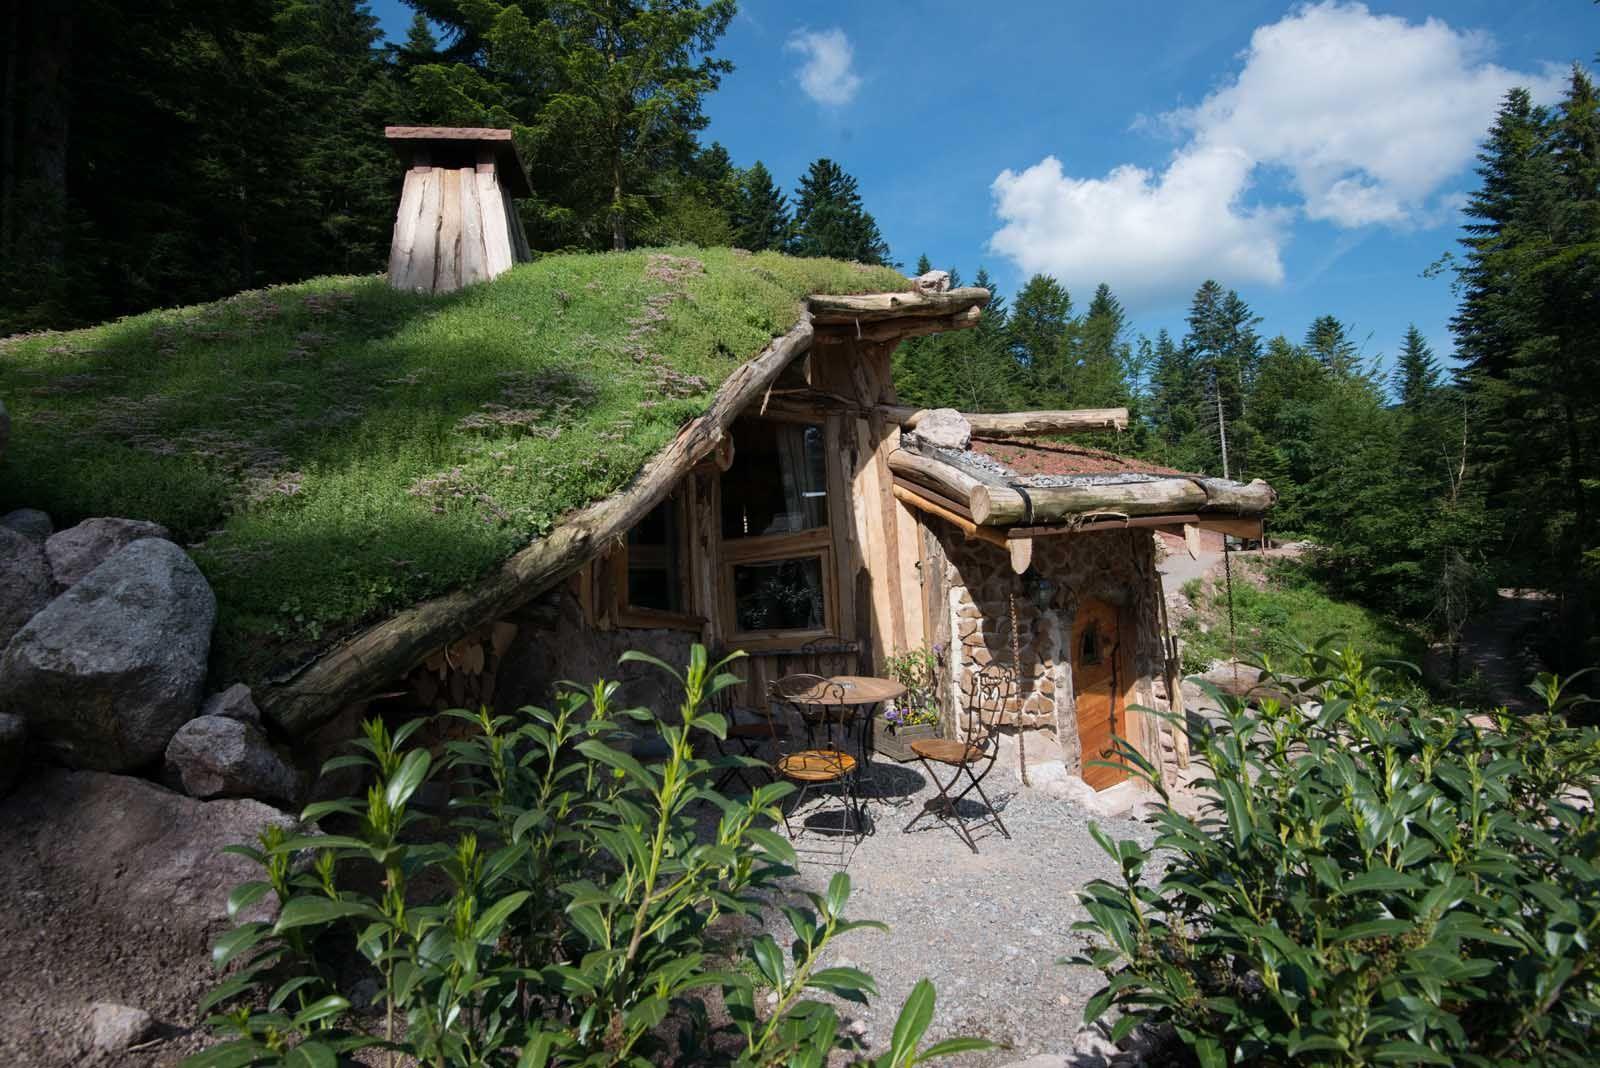 la maison du hobbit la cabane insolite dans les vosges par bol d 39 air toiture v g talis e. Black Bedroom Furniture Sets. Home Design Ideas